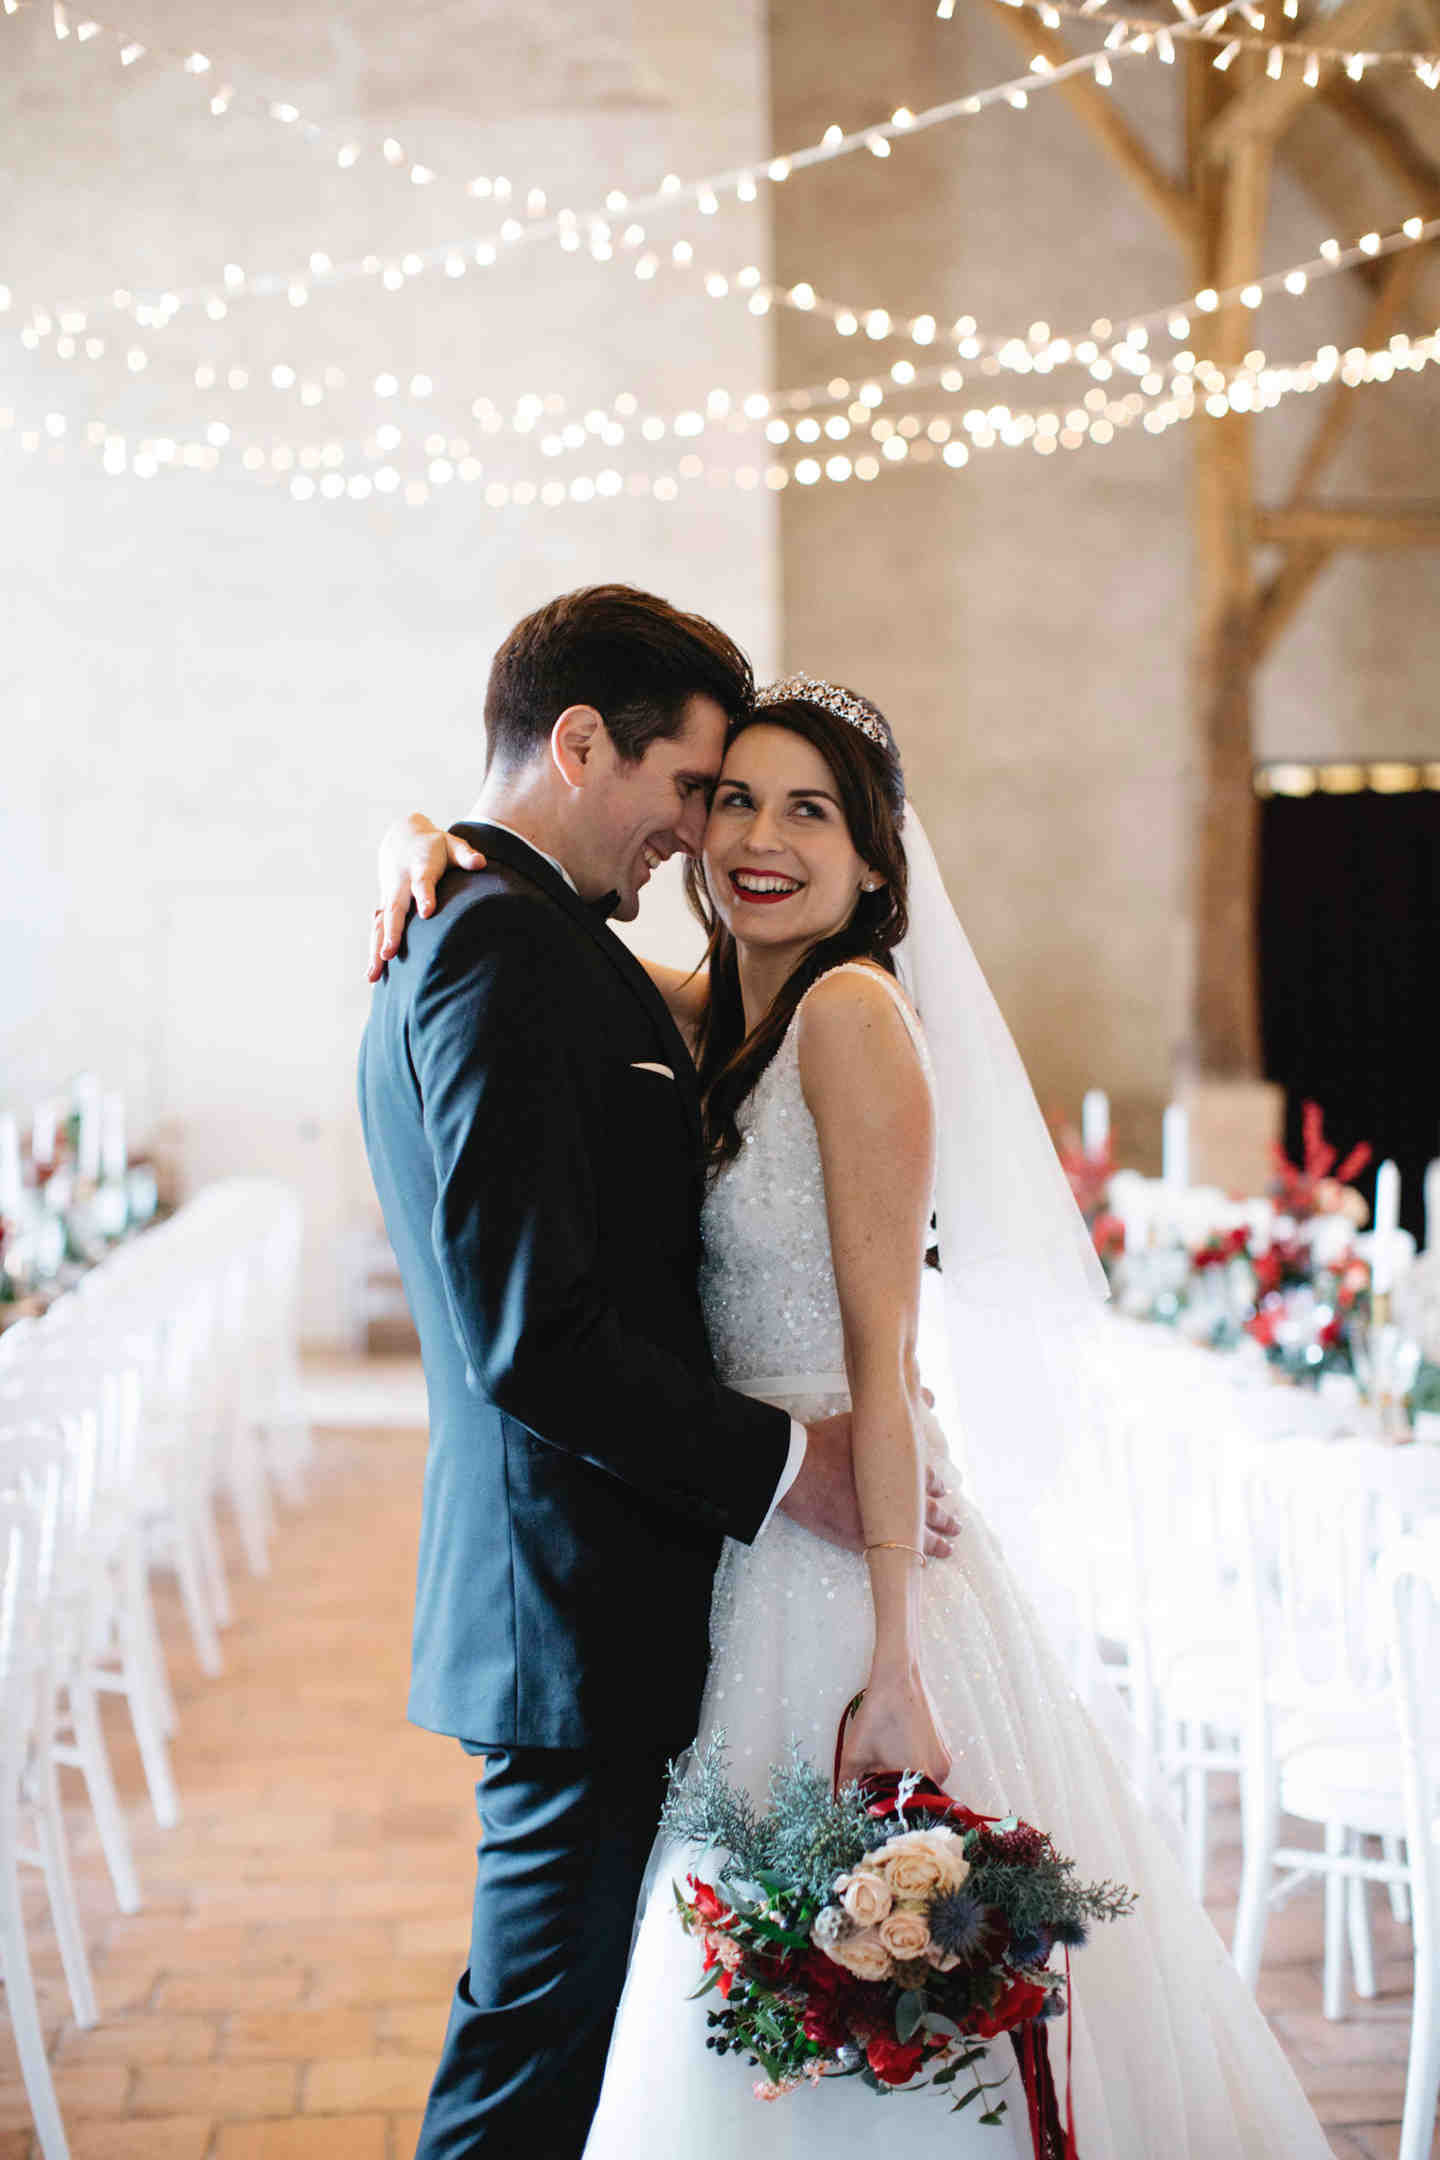 Comment s'habiller lorsqu'on est invité à un mariage?